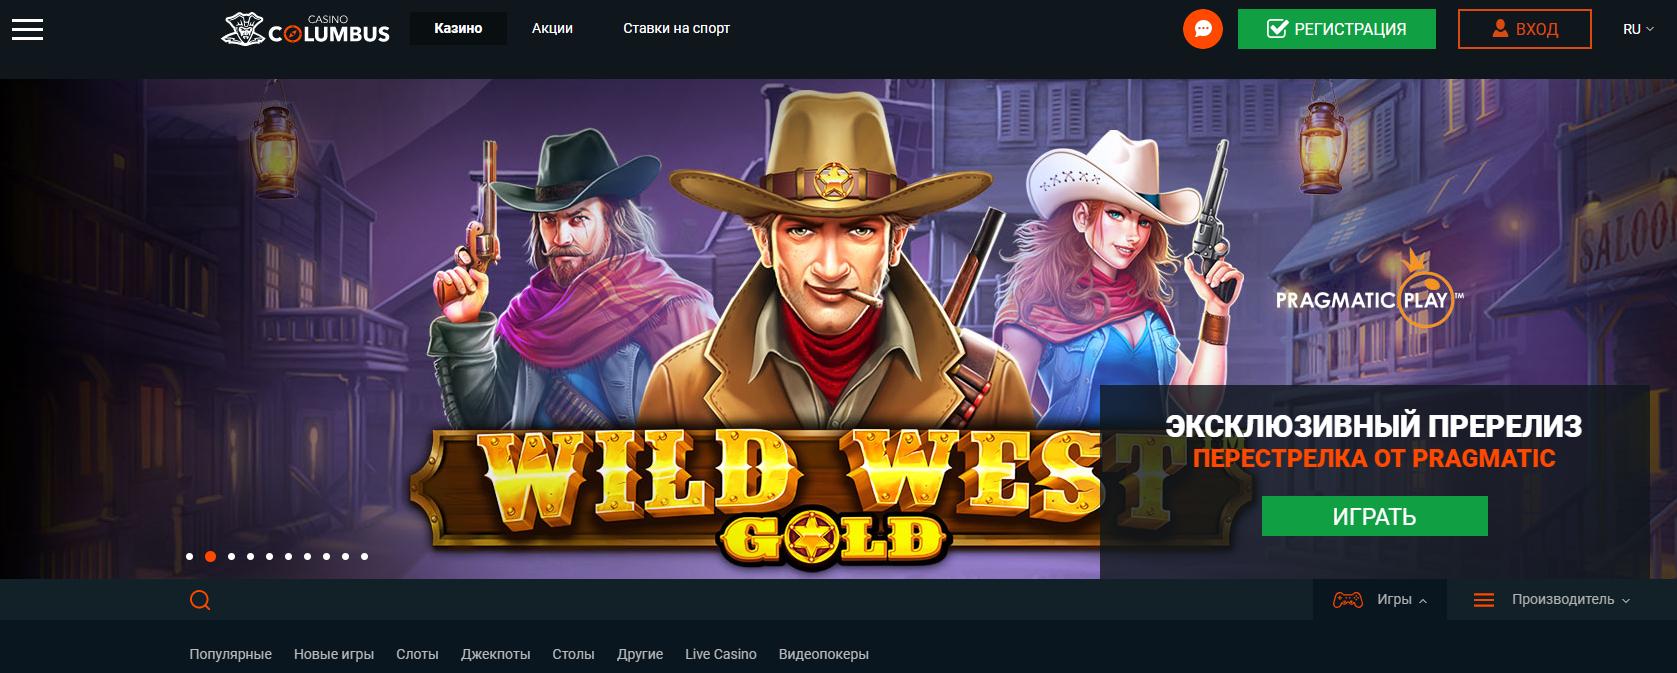 официальный сайт Columbus Casino